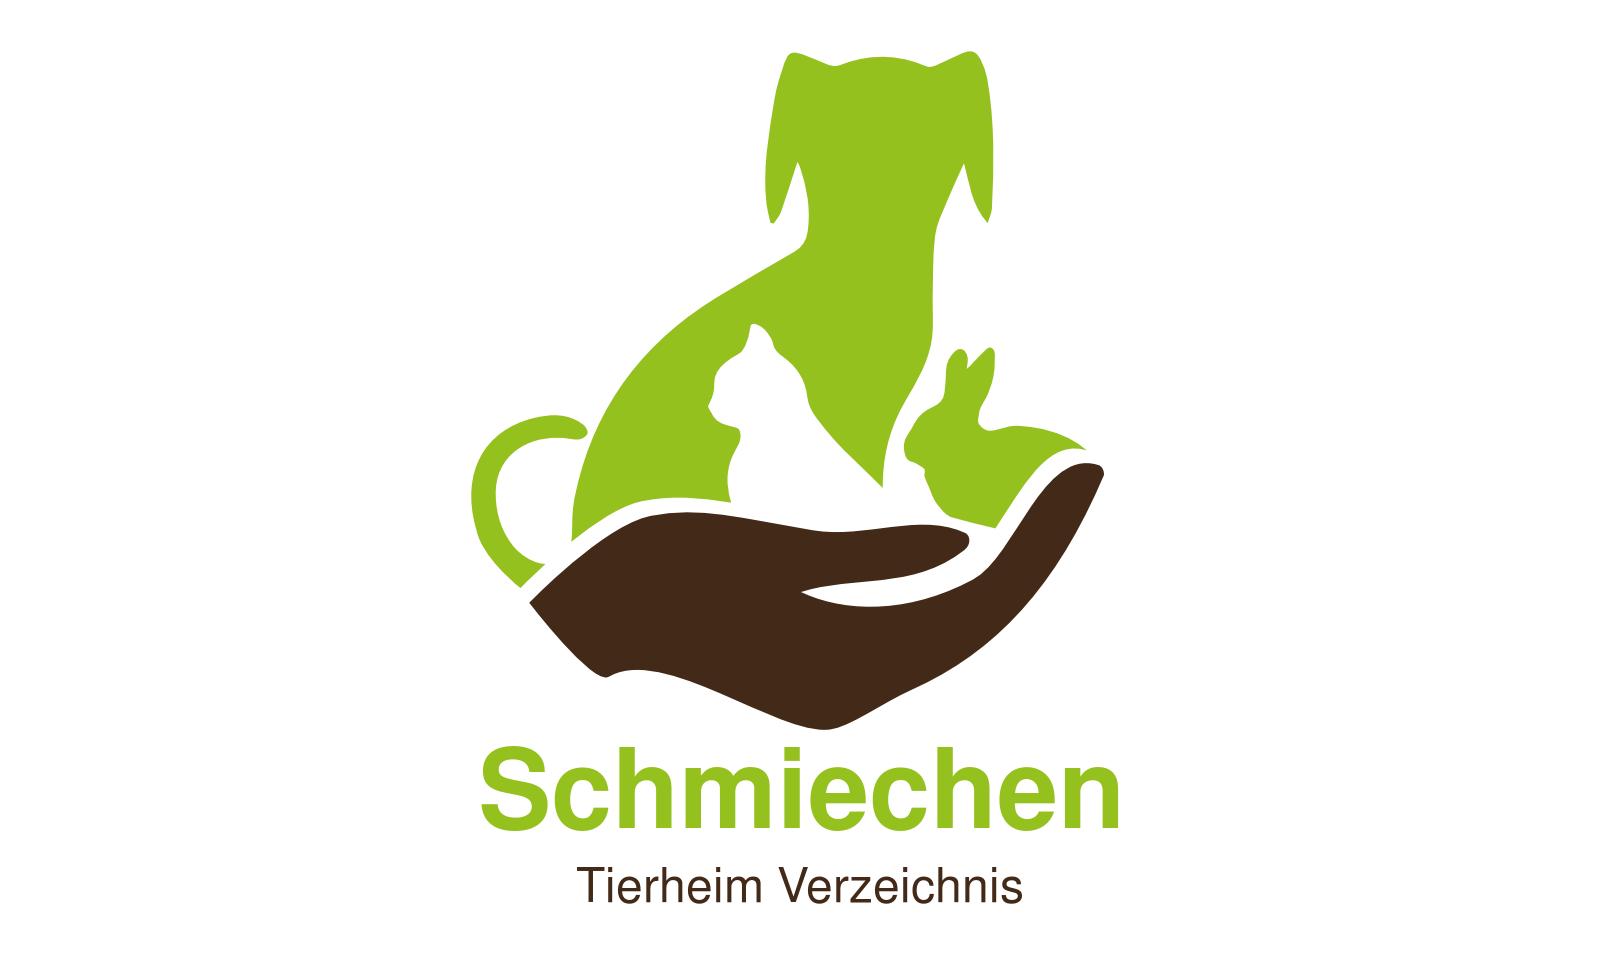 Tierheim Schmiechen